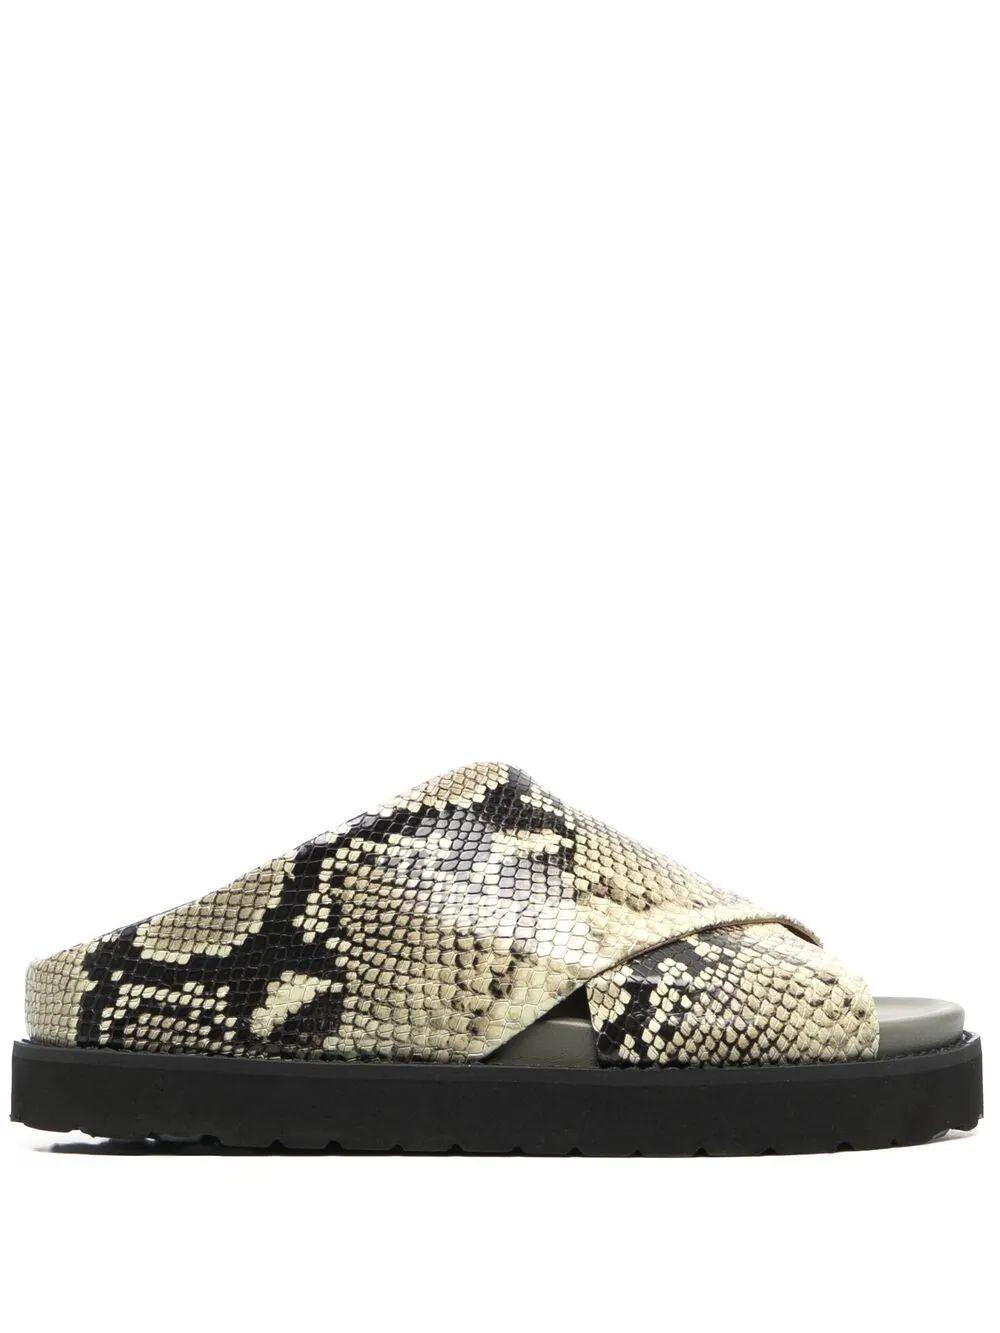 Embossed Snake Slide Sandal Item # S1488